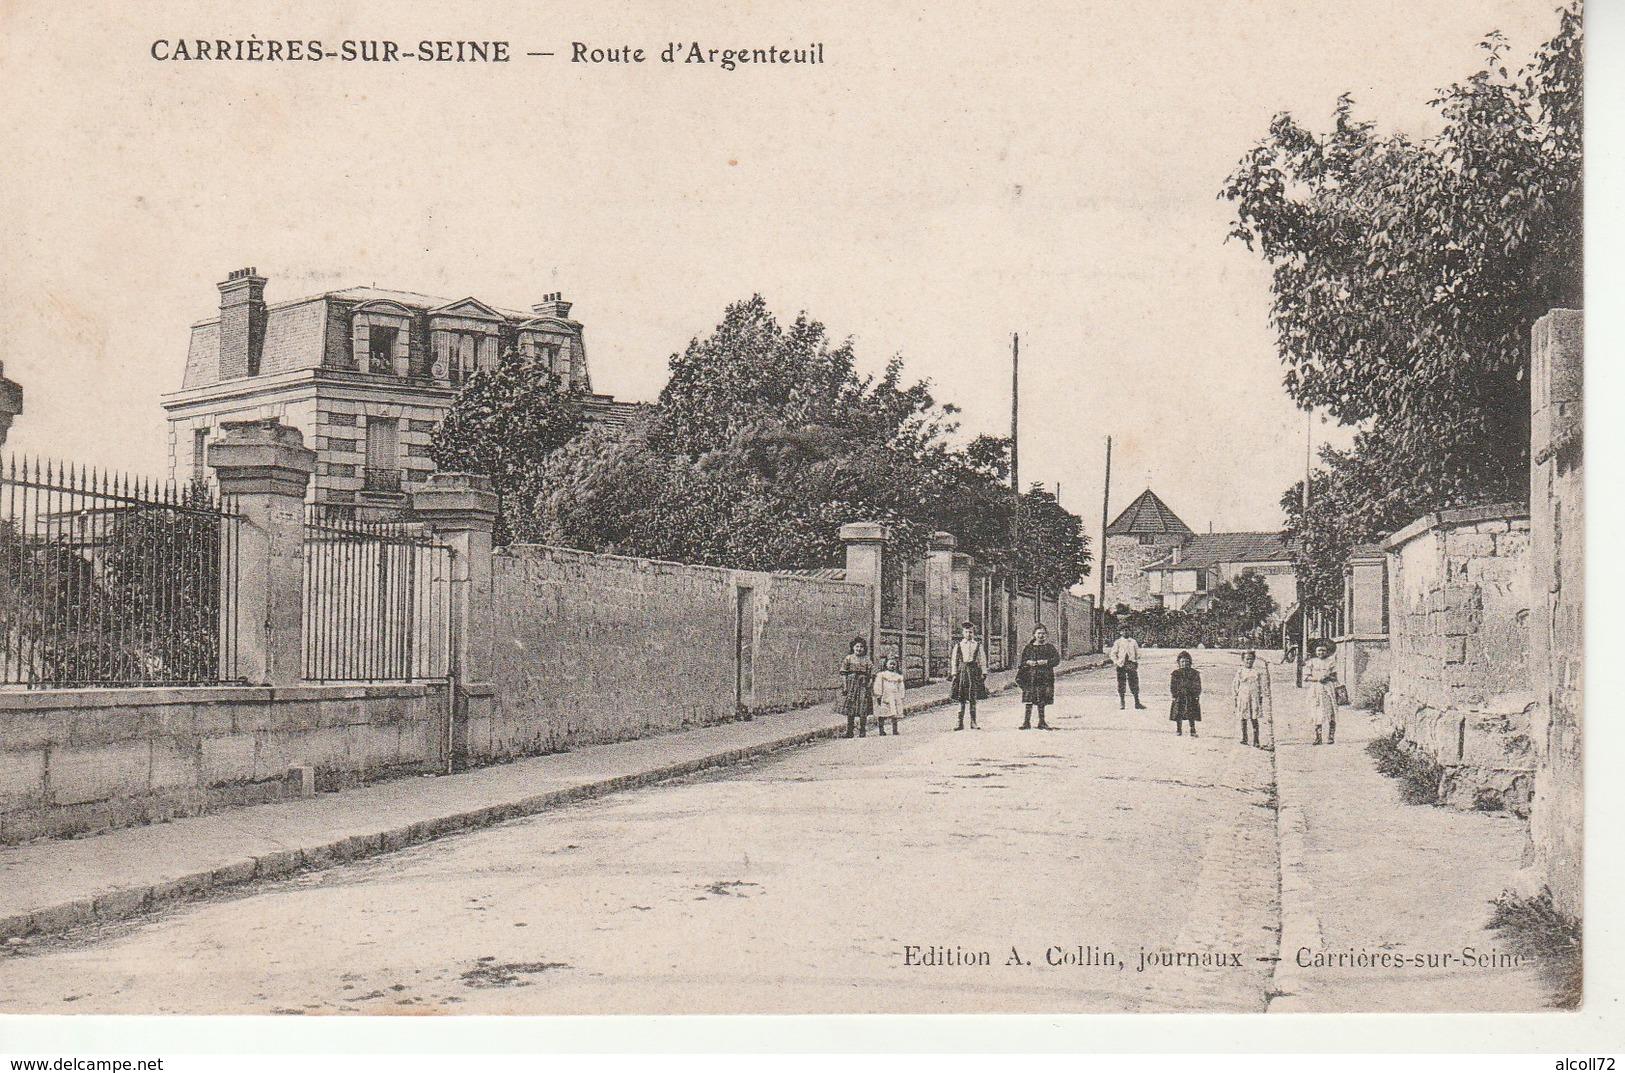 Carrieres Sur Seine-Route D'Argenteuil-Edit.Collin. - Carrières-sur-Seine